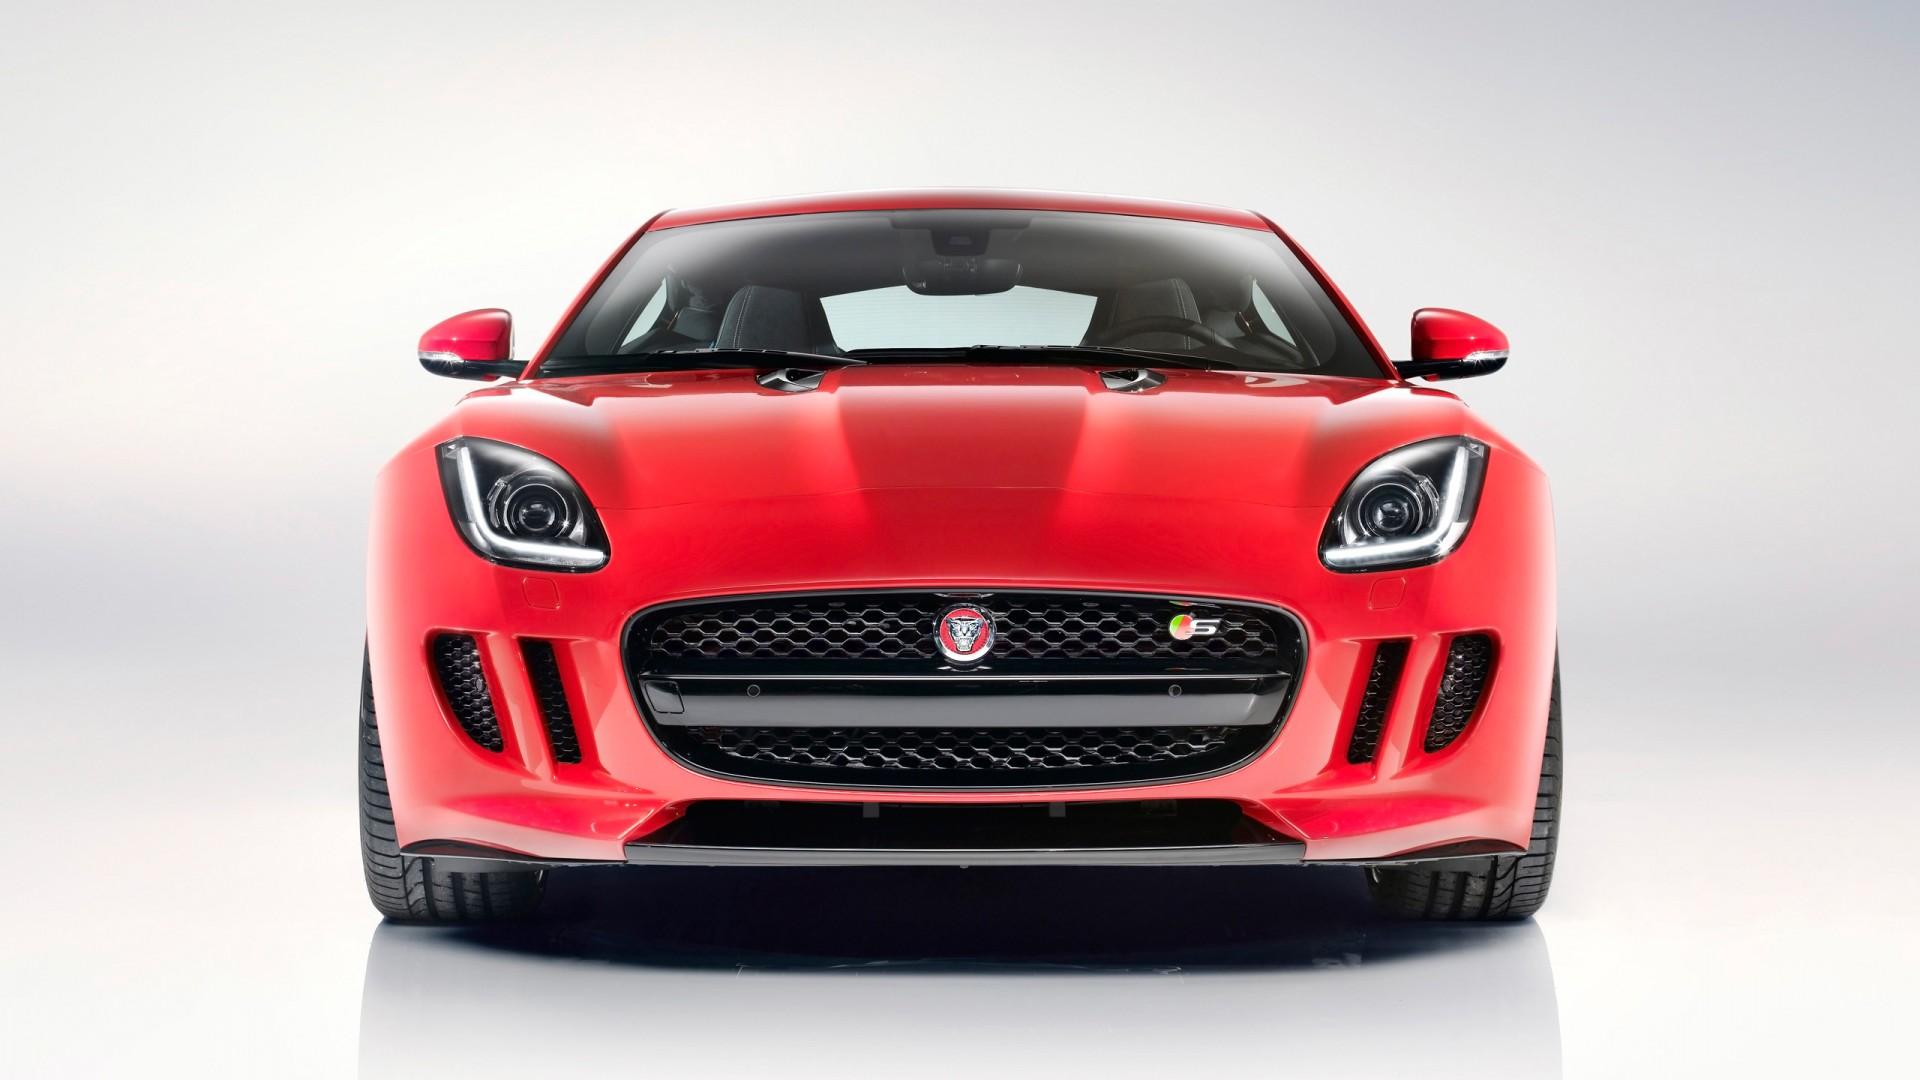 Jaguar f type coupe wallpaper - photo#23